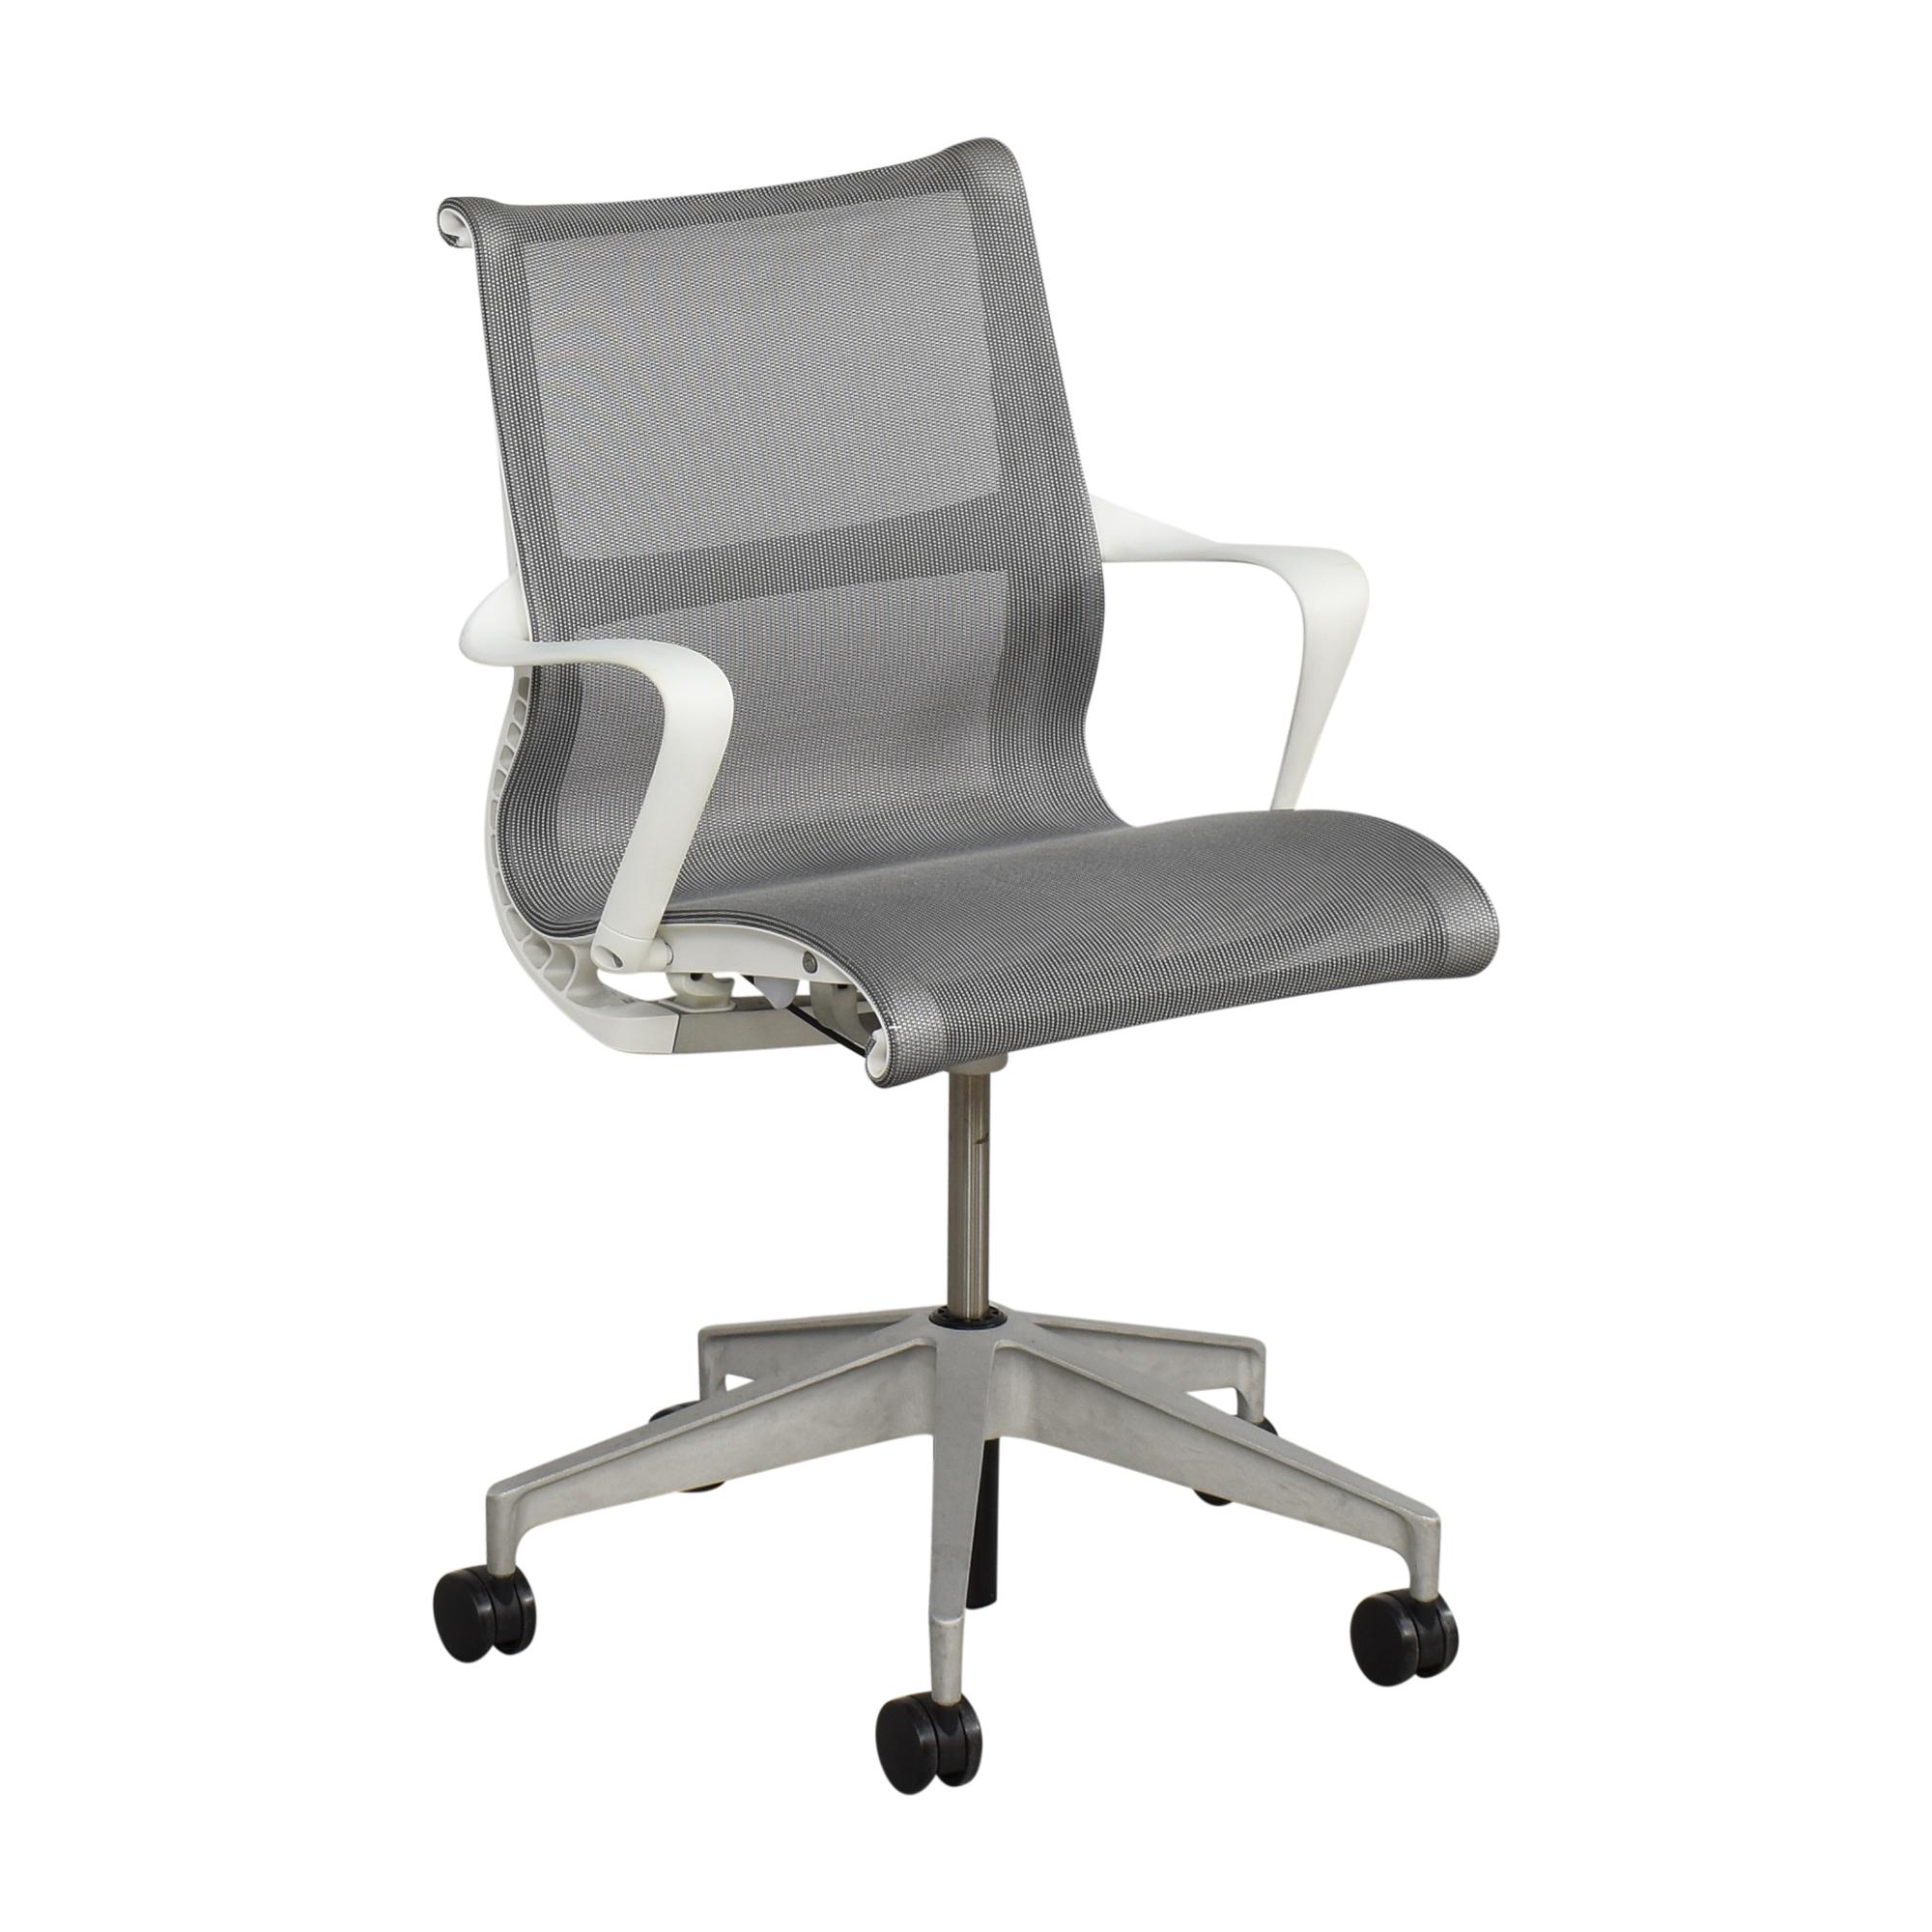 buy Herman Miller Setu Chair Herman Miller Home Office Chairs